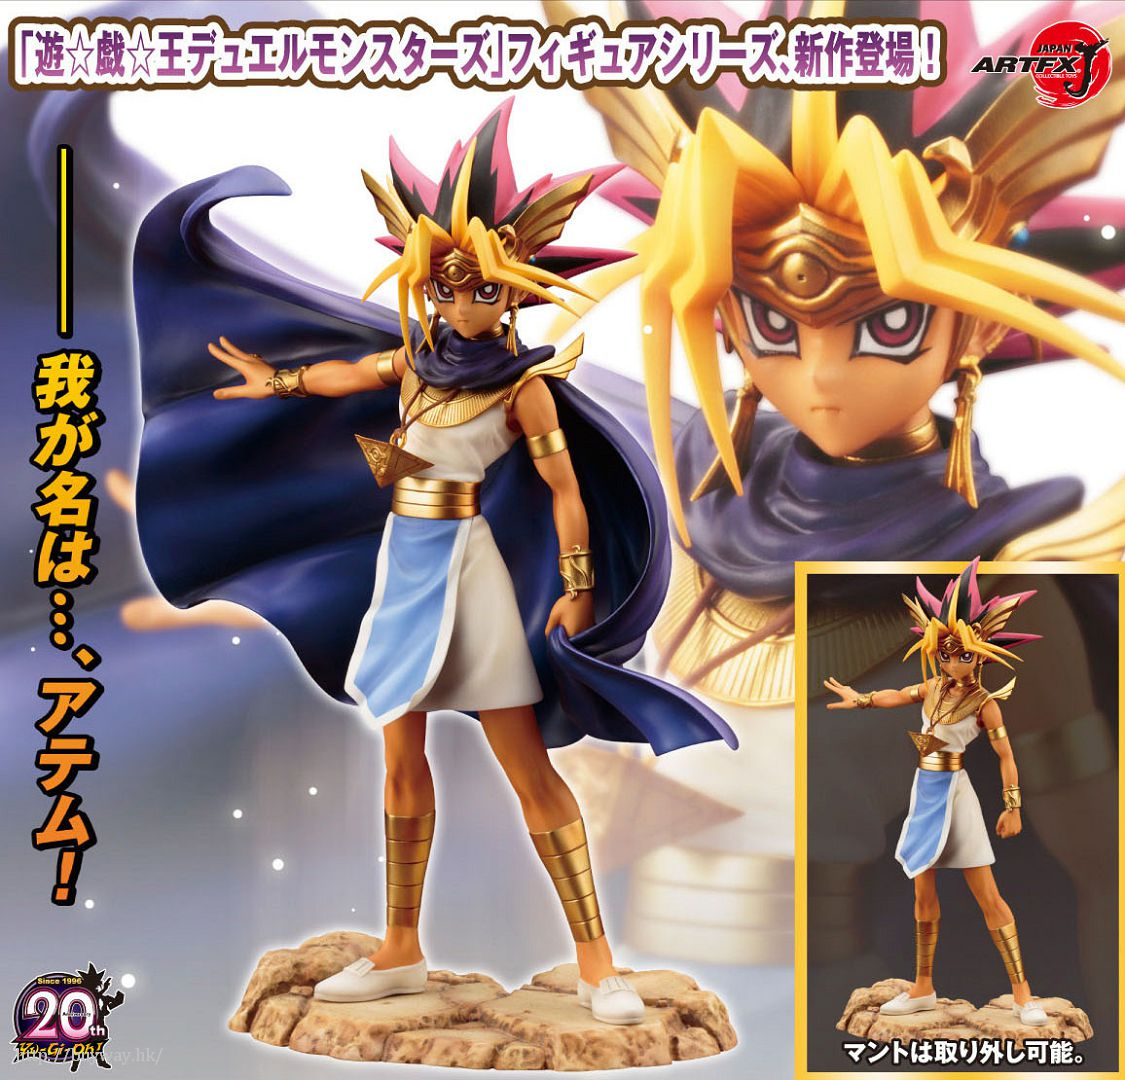 遊戲王 ARTFX J 1/7「武藤遊戲 (闇遊戲)」 ARTFX J Atem【Yu-Gi-Oh!】